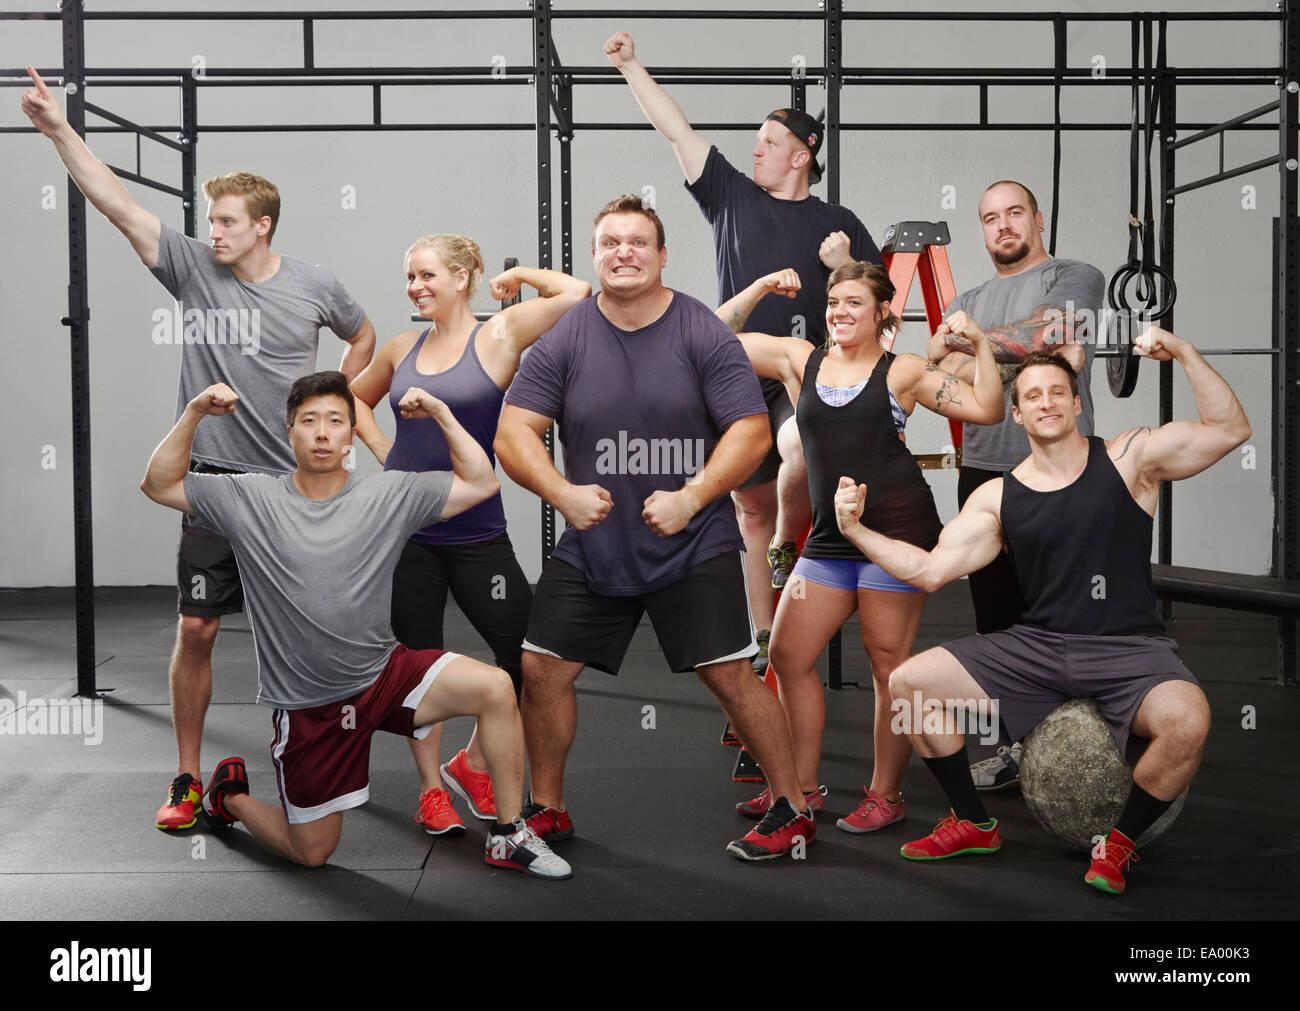 Porträt von acht Personen, die Muskeln im Fitness-Studio Stockbild